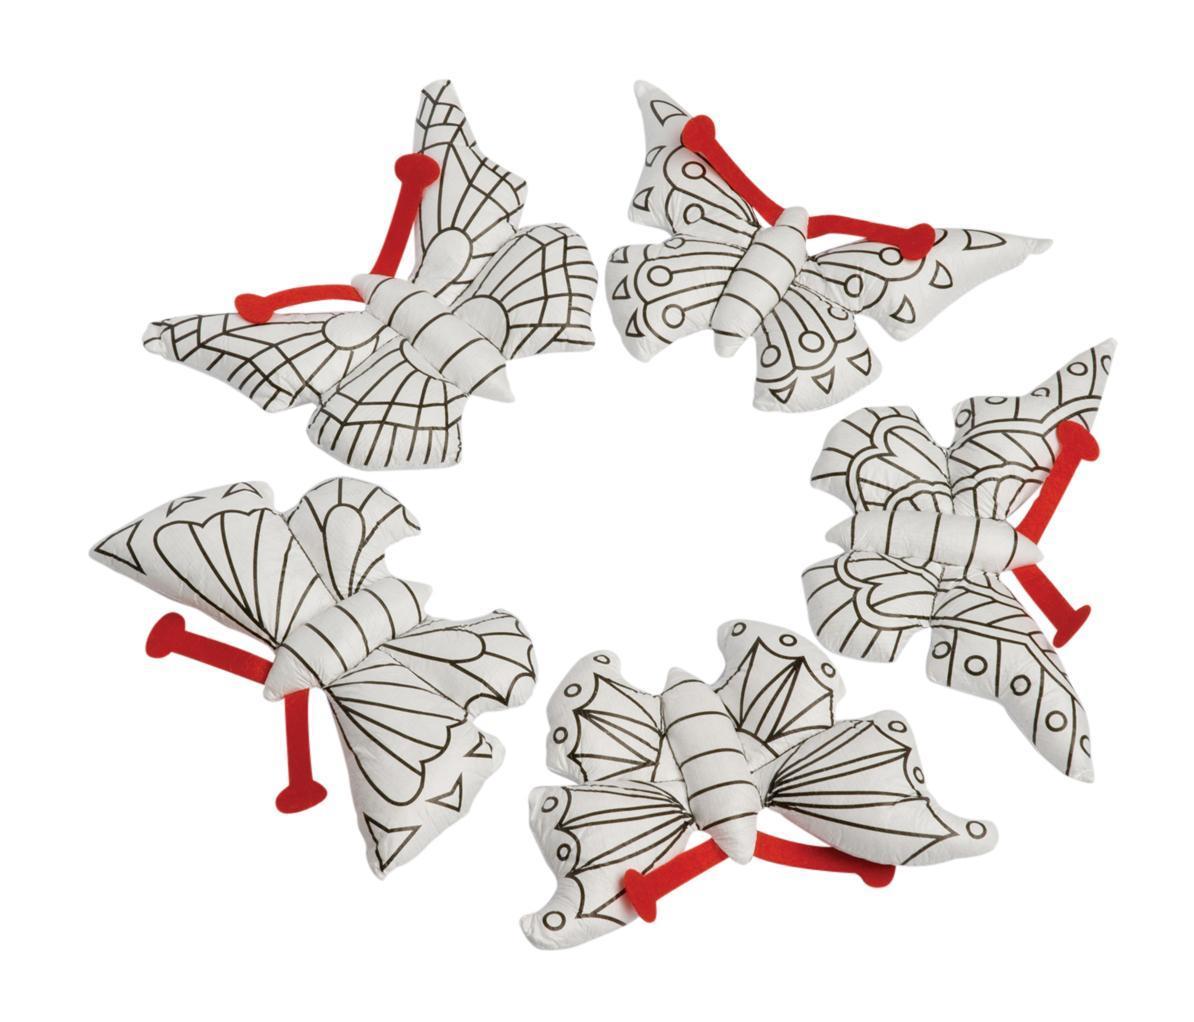 """Набор игрушек-раскрасок """"Бабочки-чародейки"""" включает в себя пять игрушек-бабочек для раскраски и четыре фломастера. Бабочки симпатичные и очень мягкие, ребенок будет с удовольствием их раскрашивать, а потом и играть с ними. Игрушка развивает мелкую моторику, цветовое восприятие и творческие способности."""